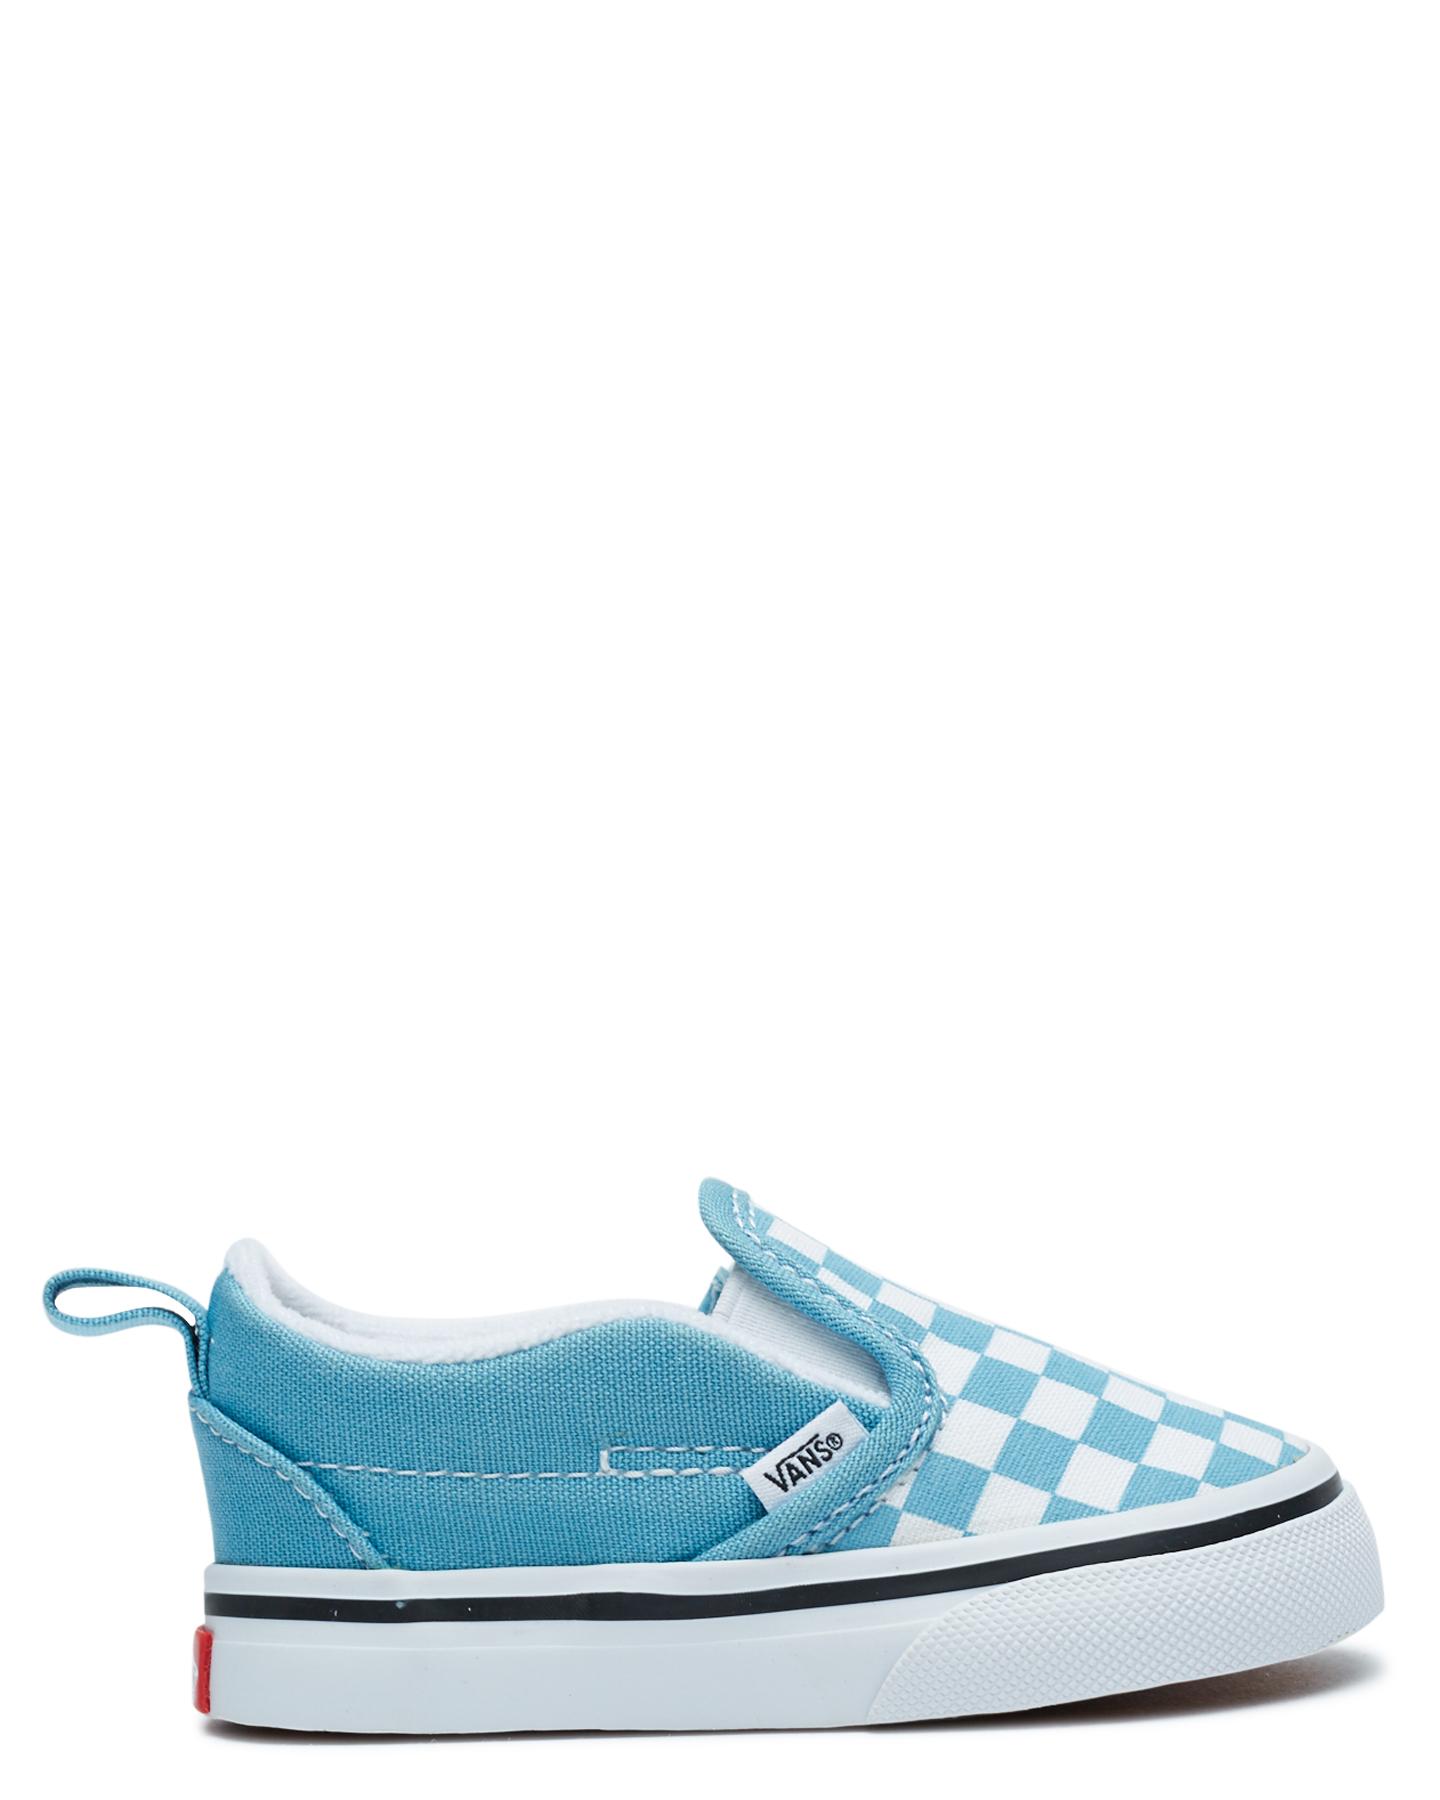 Vans Slip-On Velcro Shoe - Toddler Blue White